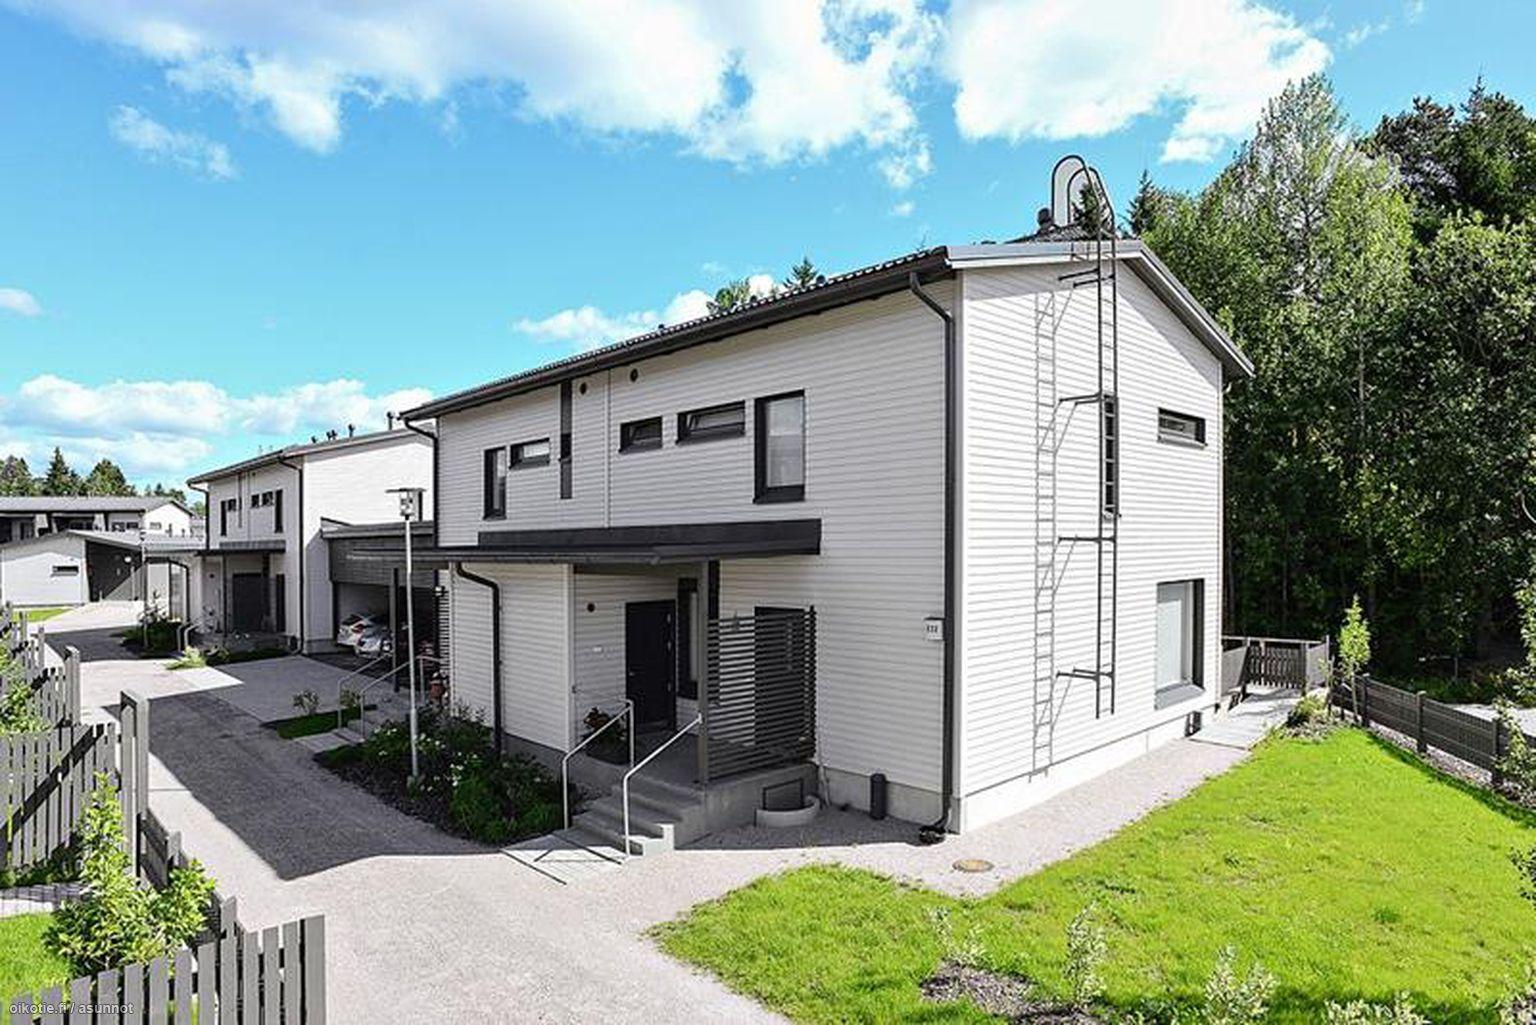 88 m² Vidarinkuja 1, 02780 Espoo Rivitalo 4h myynnissä - Oikotie 14616281